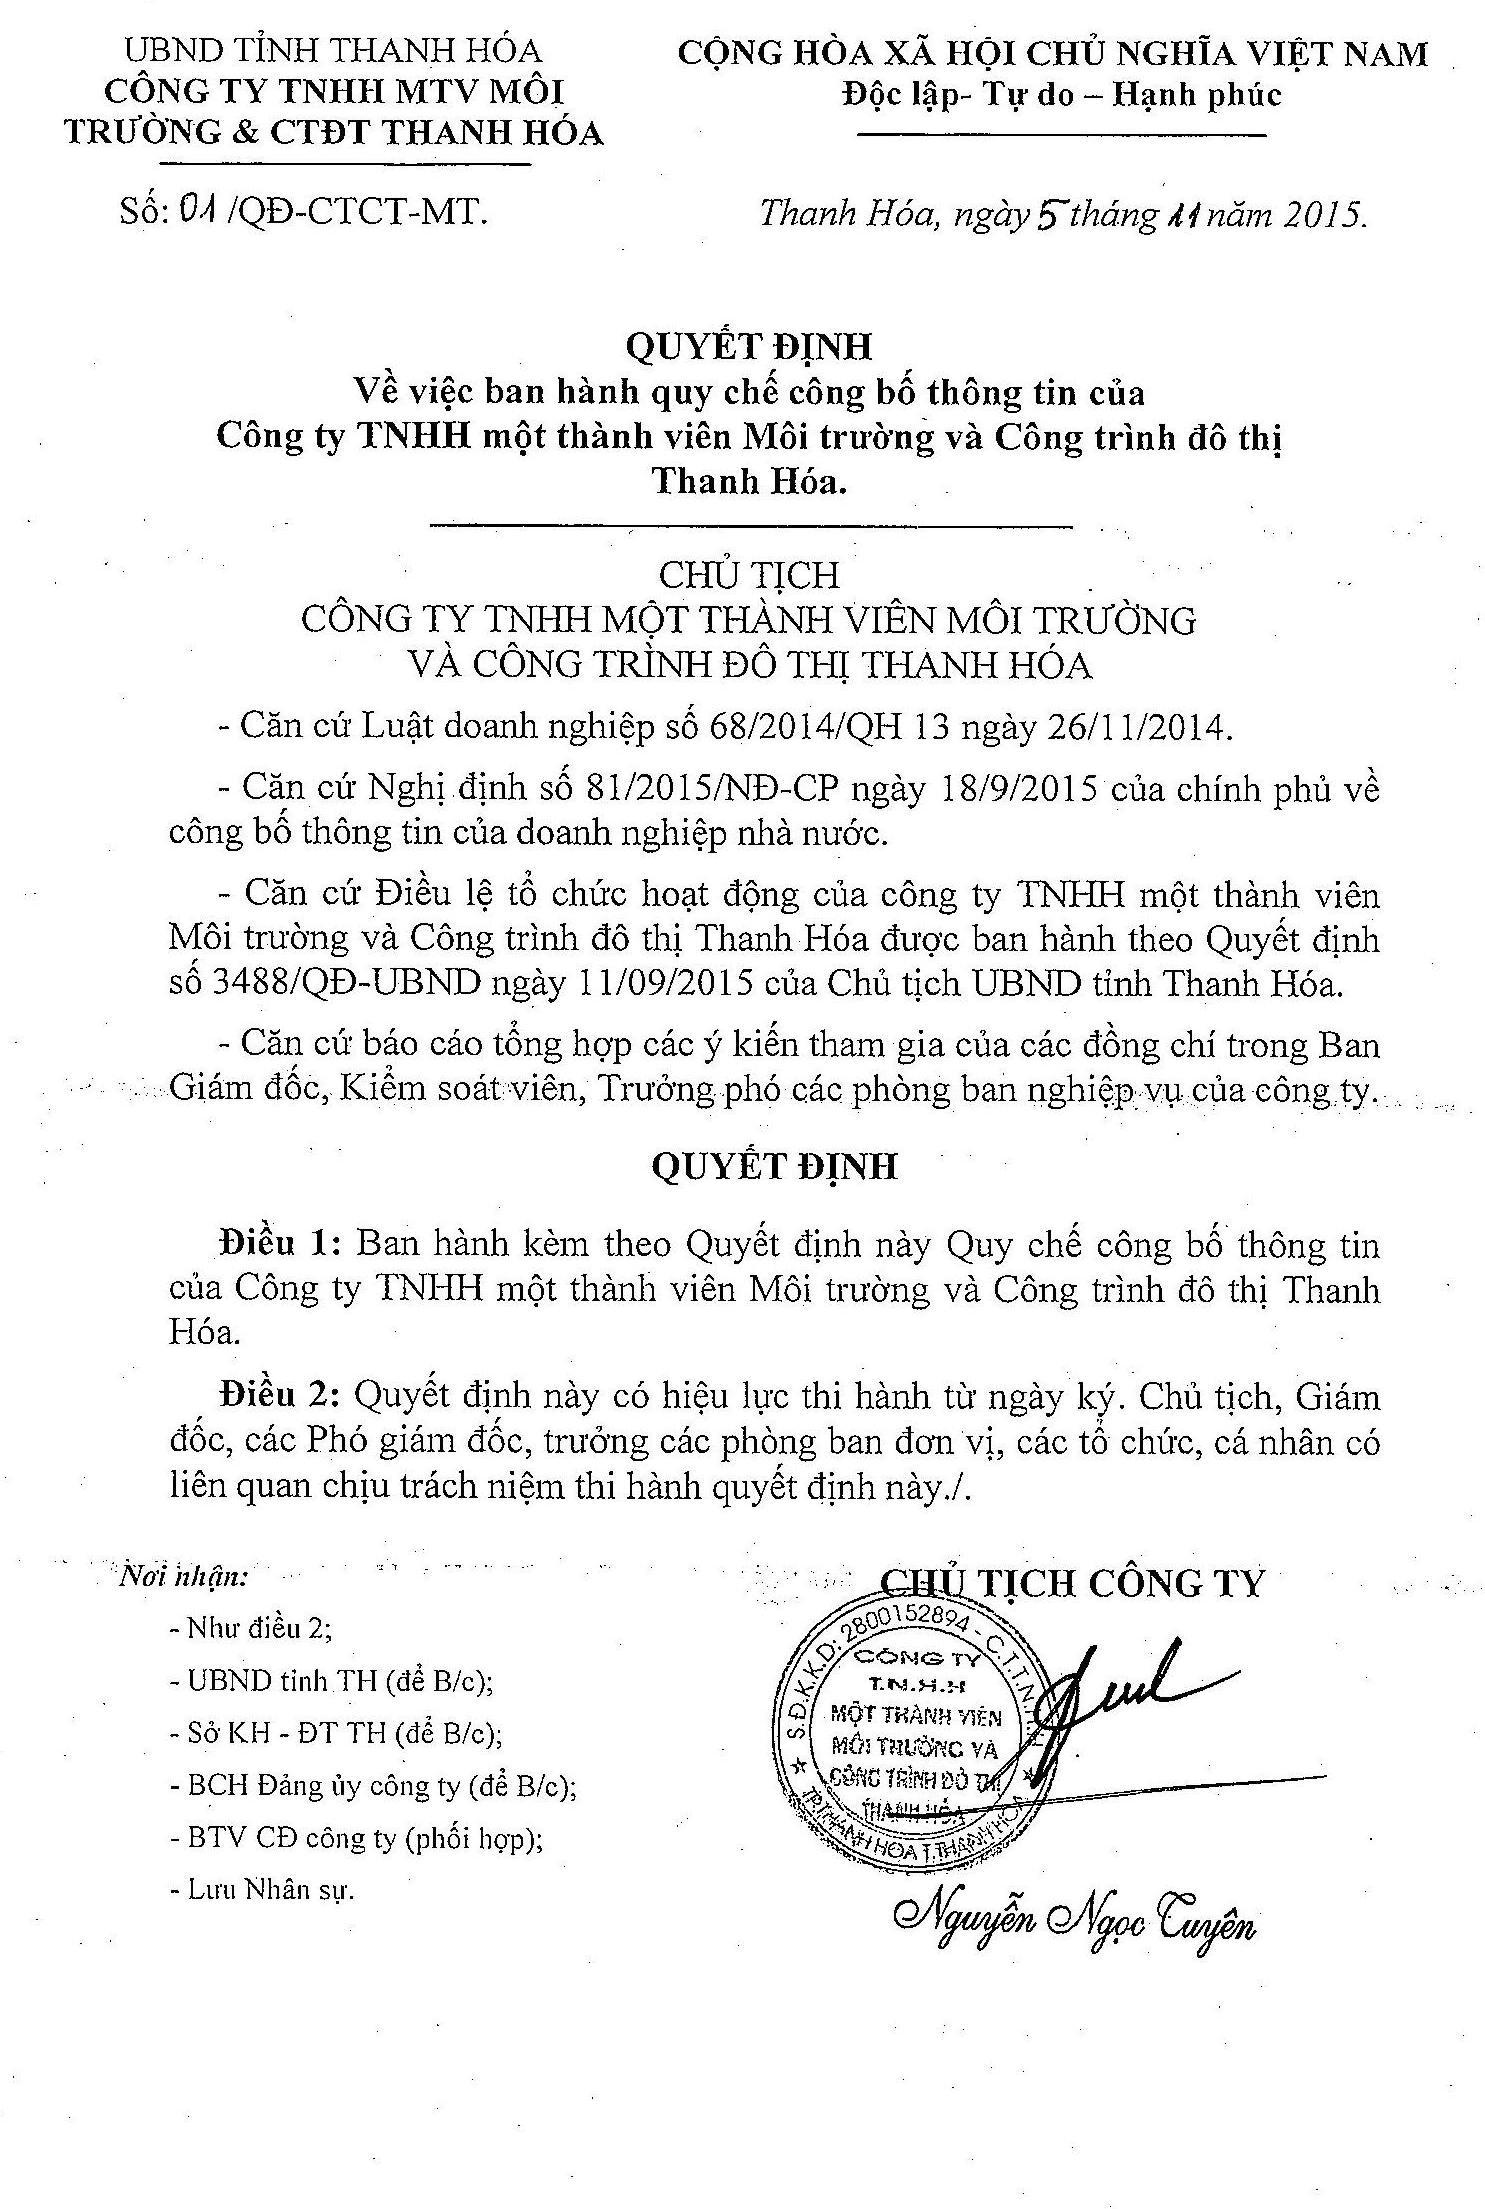 QD Quy che cong bo thong tin